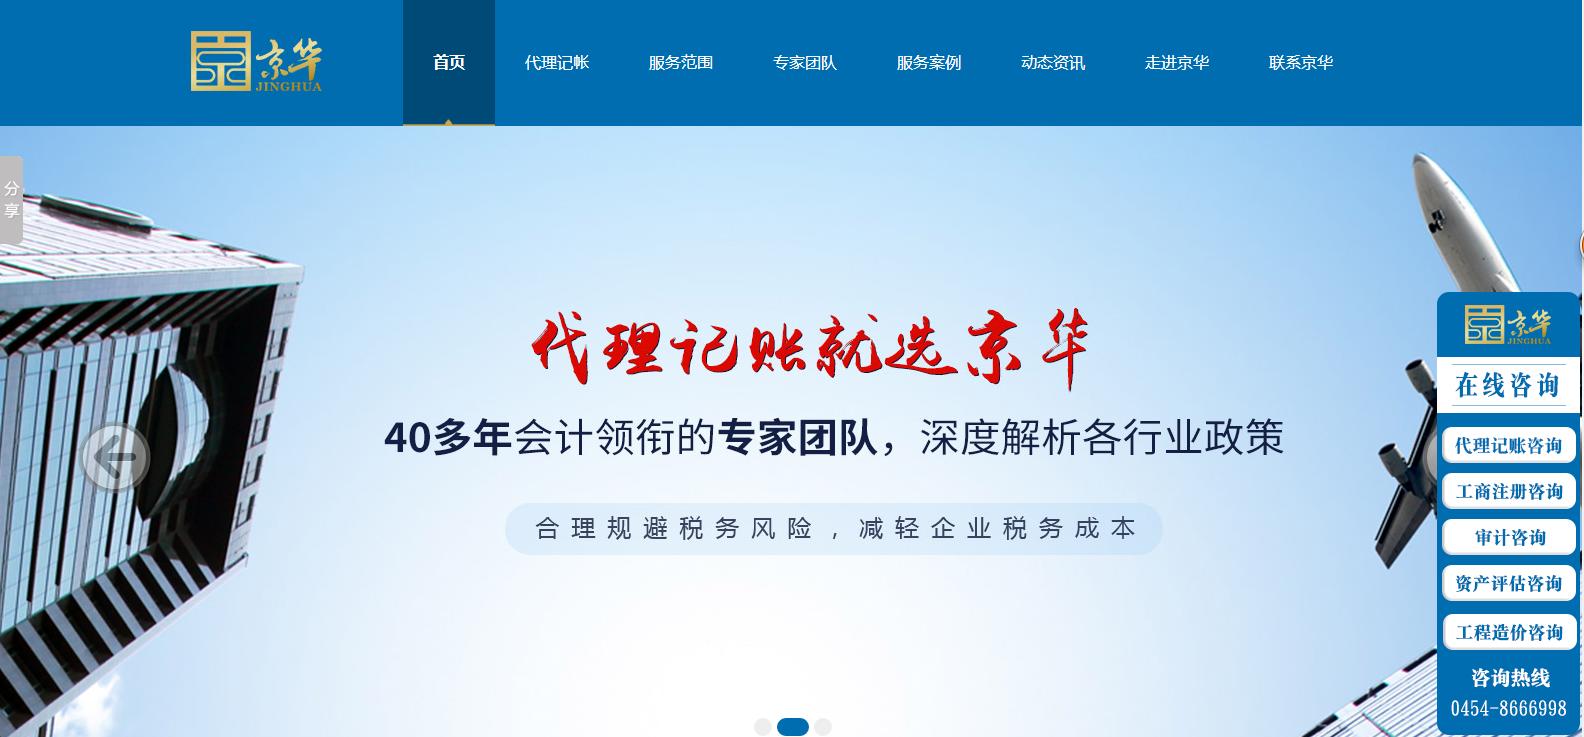 佳木斯京华代理记账营销型网站,追马网